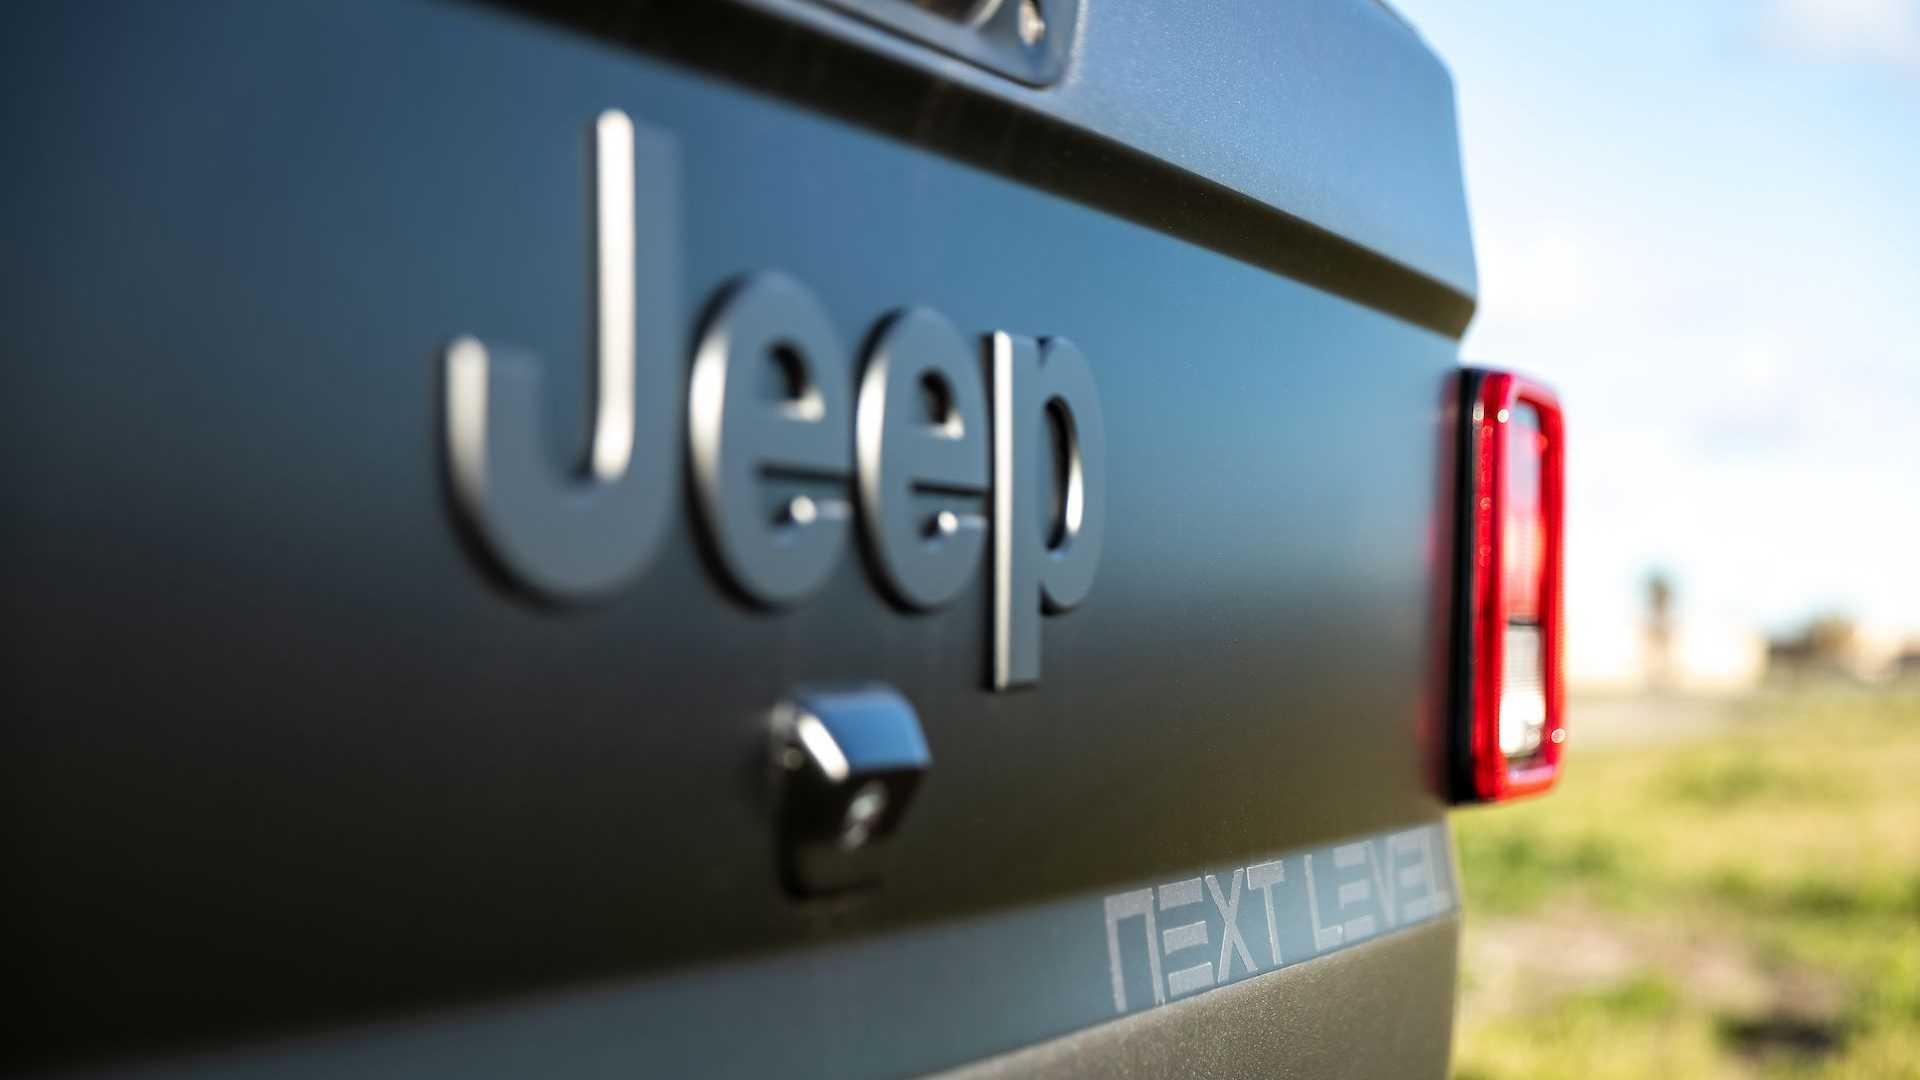 Jeep-Gladiator-6x6-by-Next-Level-24